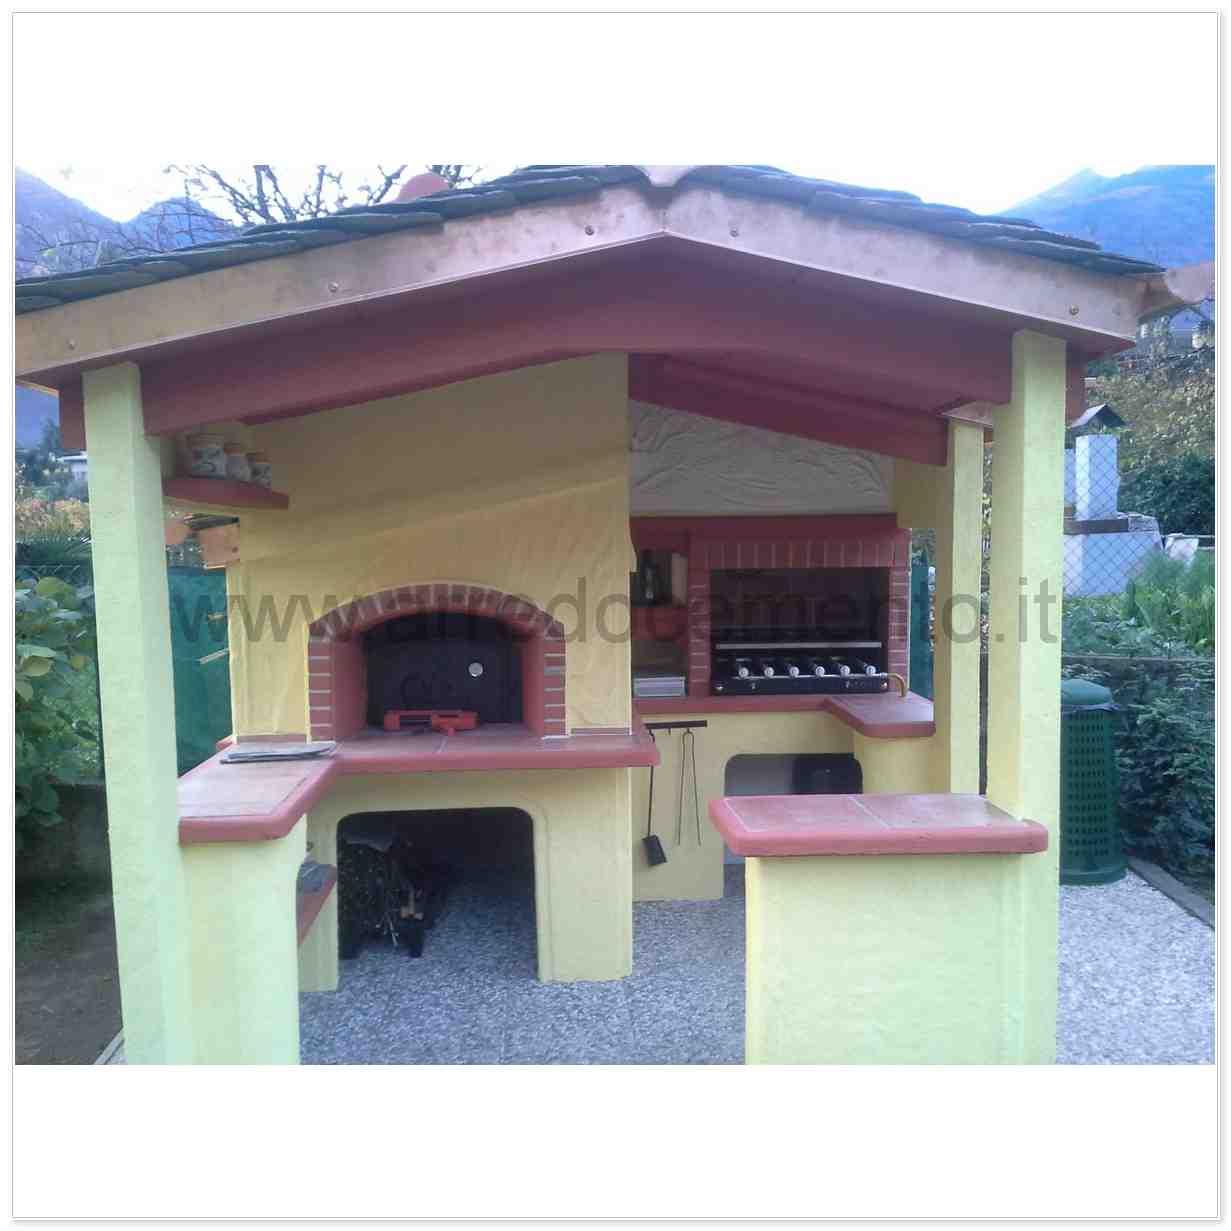 Forno E Barbecue A Legna Italia Cm280x270x280h In Cemento Verniciato Bianco E Rosso Completo Di Griglia E Accessori